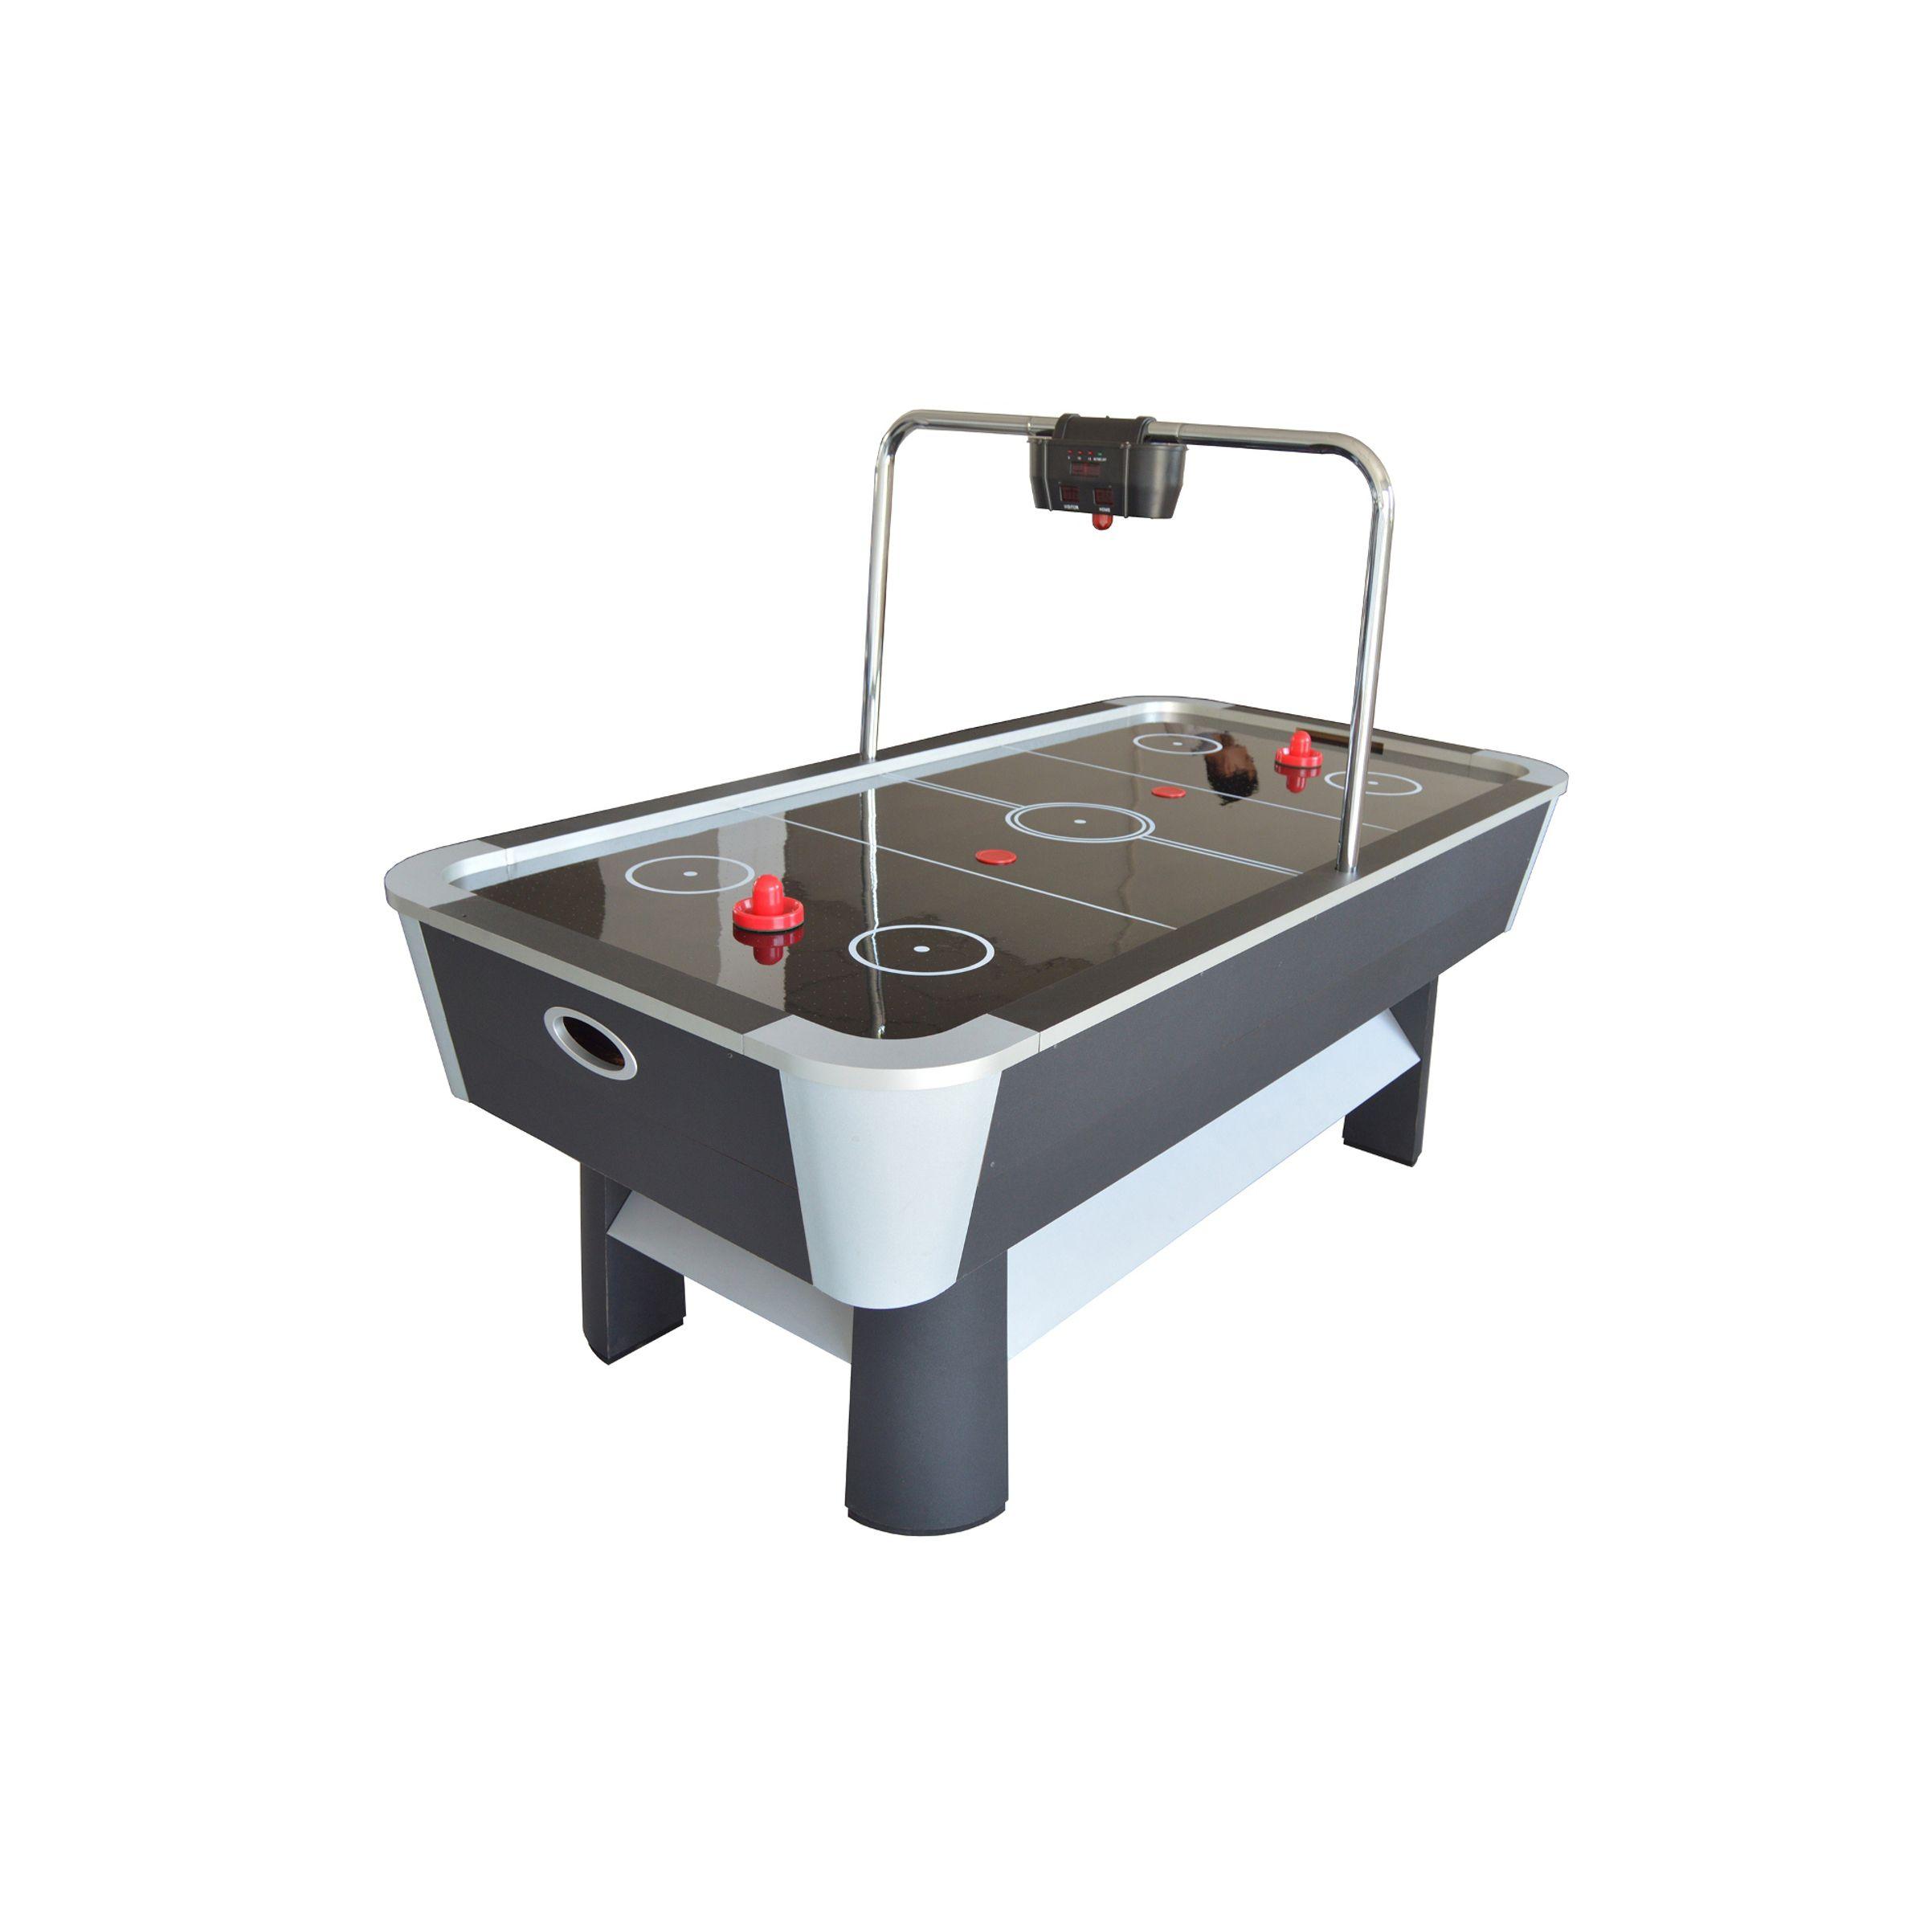 Sportcraft 7ft Air Hockey Table Air Hockey Table Air Hockey